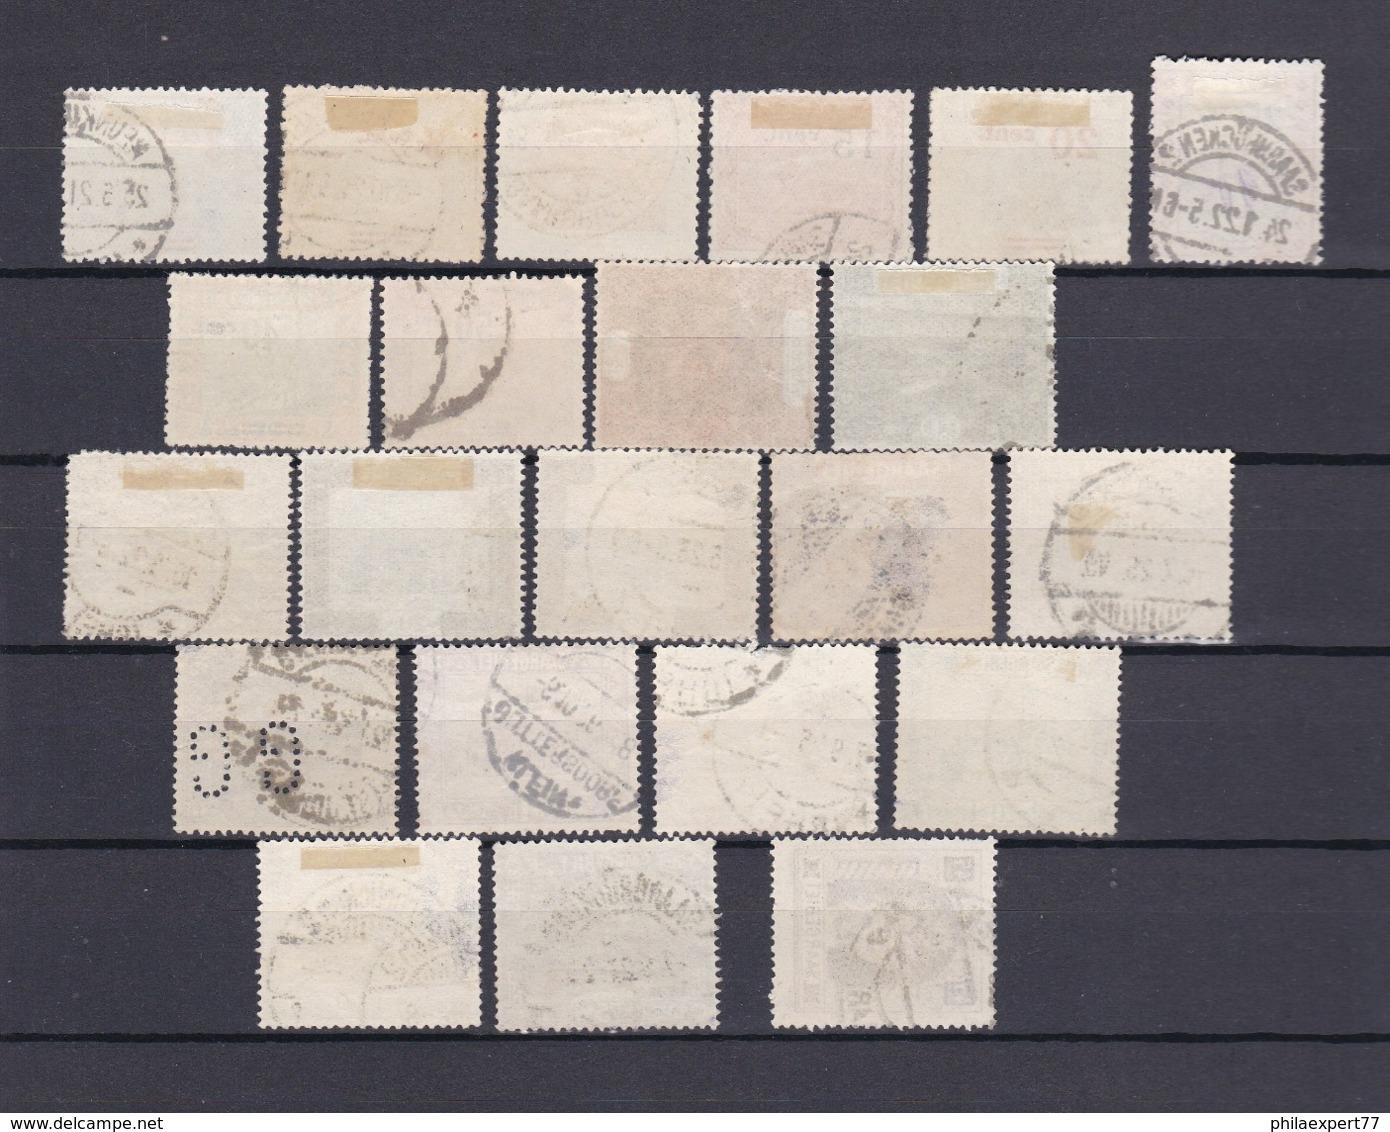 Saargebiet - 1921/25 - Sammlung - Gest. - Gebraucht